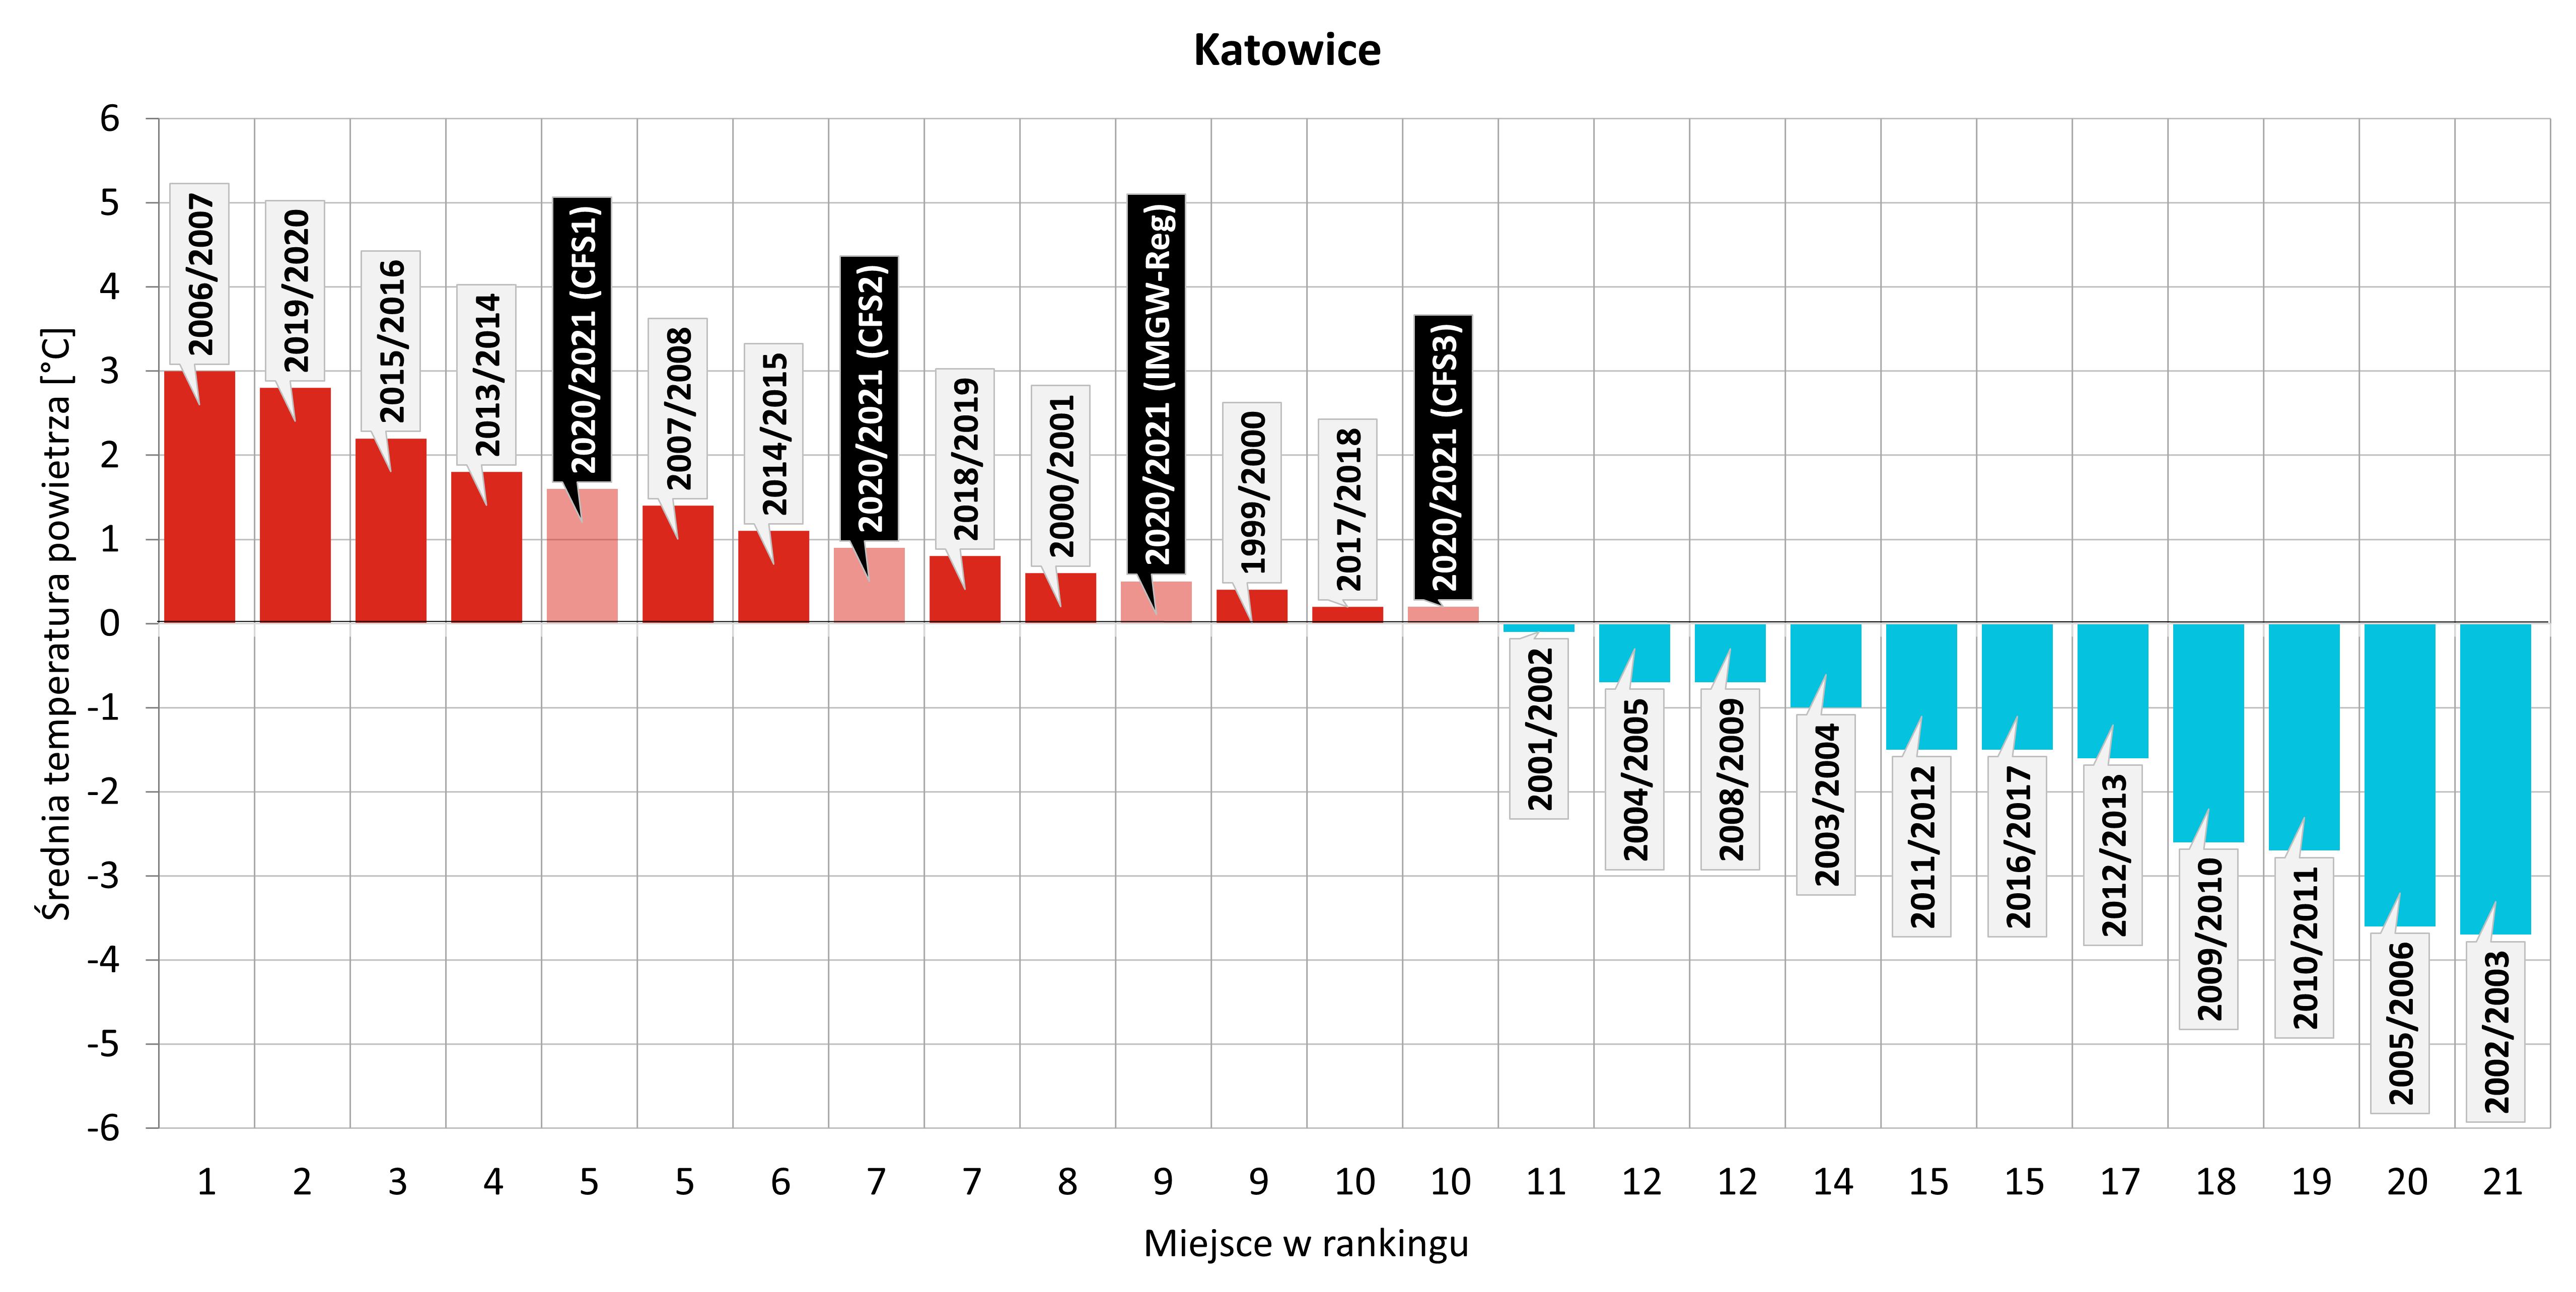 Ranking najcieplejszych zim zaobserwowanych w Katowicach w XXI wieku z uwzględnieniem zbliżającej się zimy 2020/2021 (na podstawie prognoz z modeli: IMGW-Reg, CFS1, CFS2, CFS